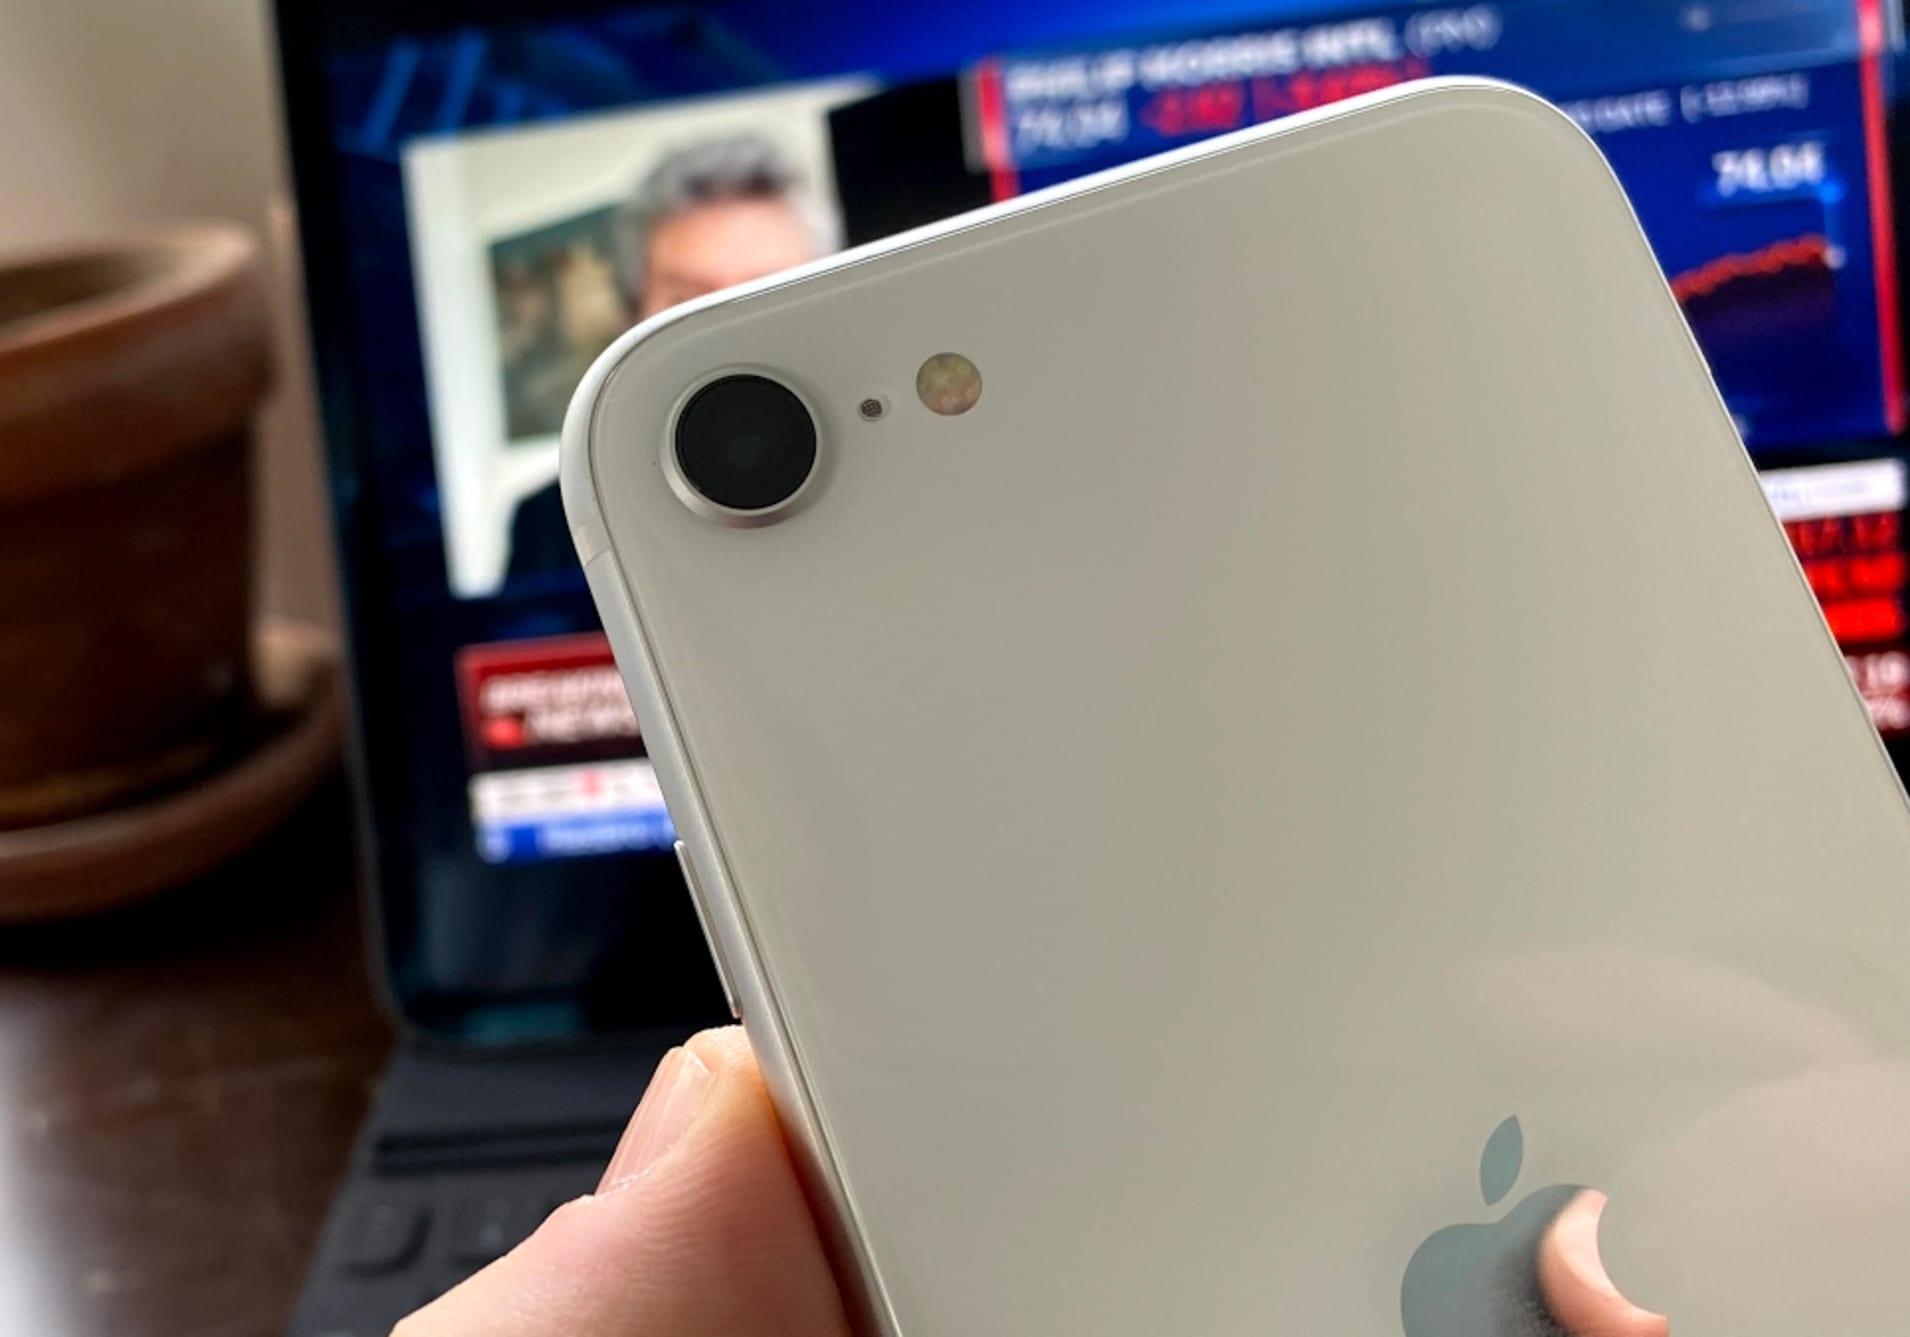 CNBC Tech: iPhone SE review 2020 2